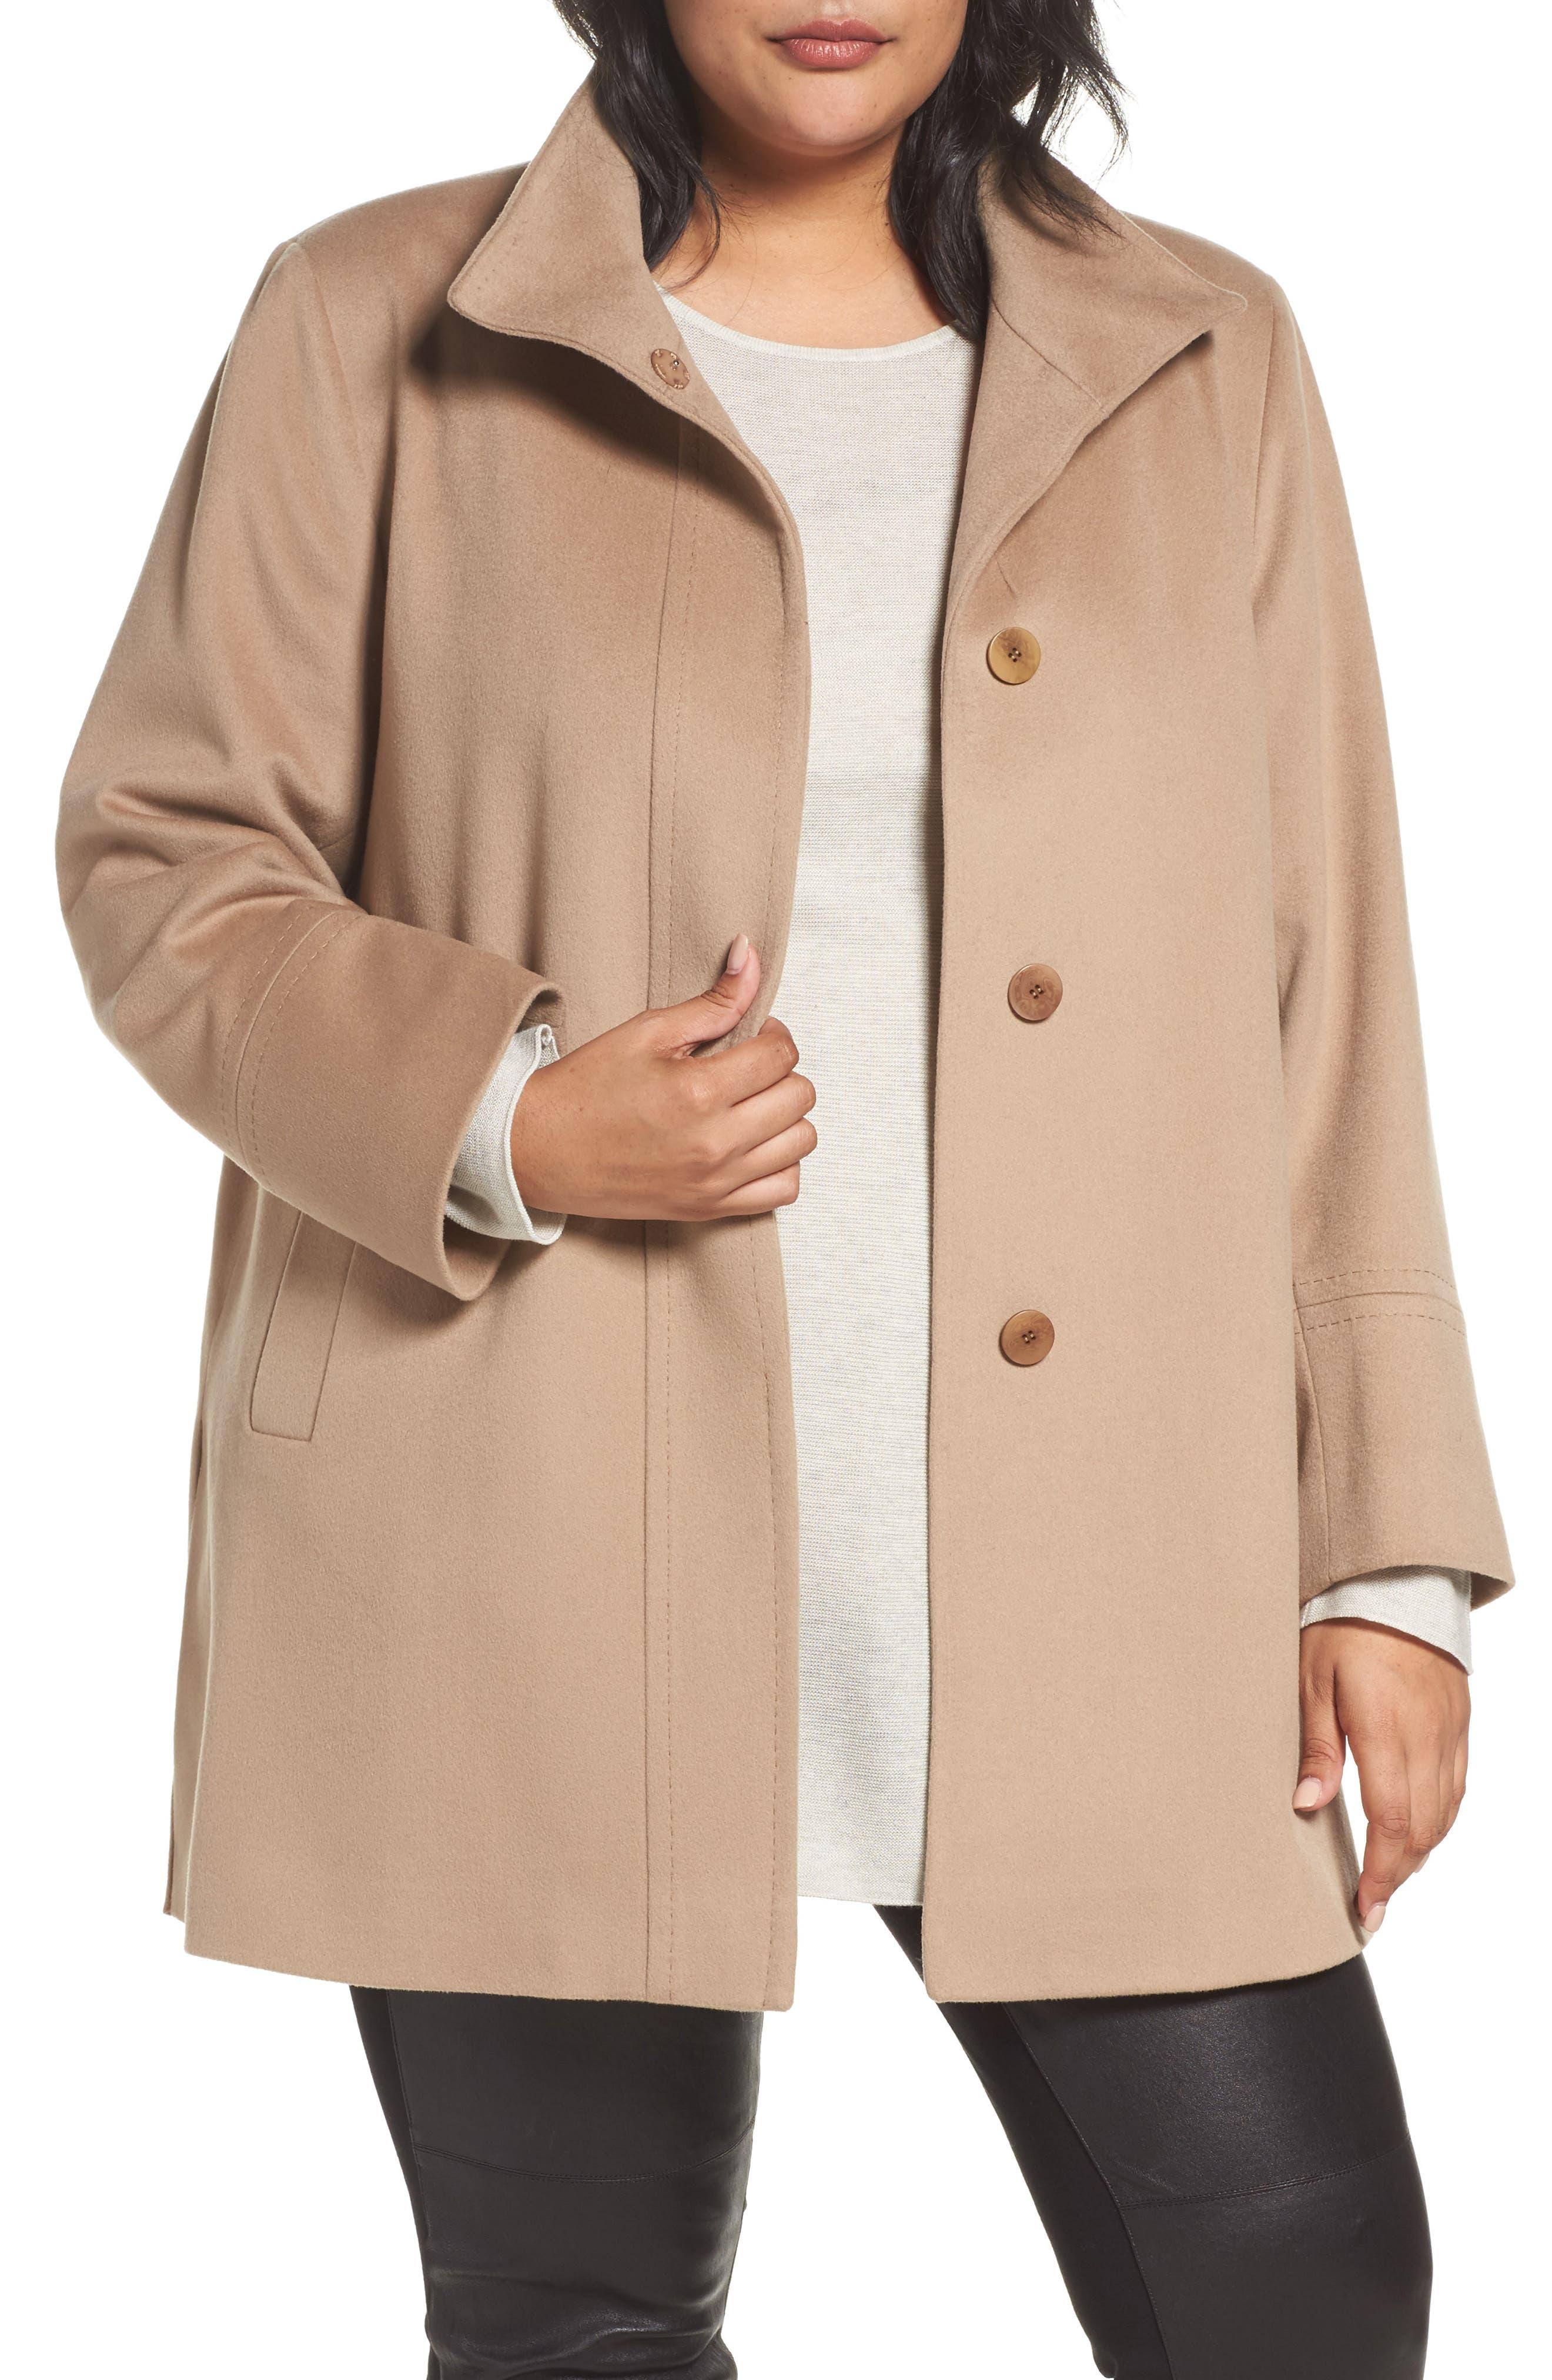 Main Image - Fleurette Wool Car Coat (Plus Size) (Nordstrom Exclusive)